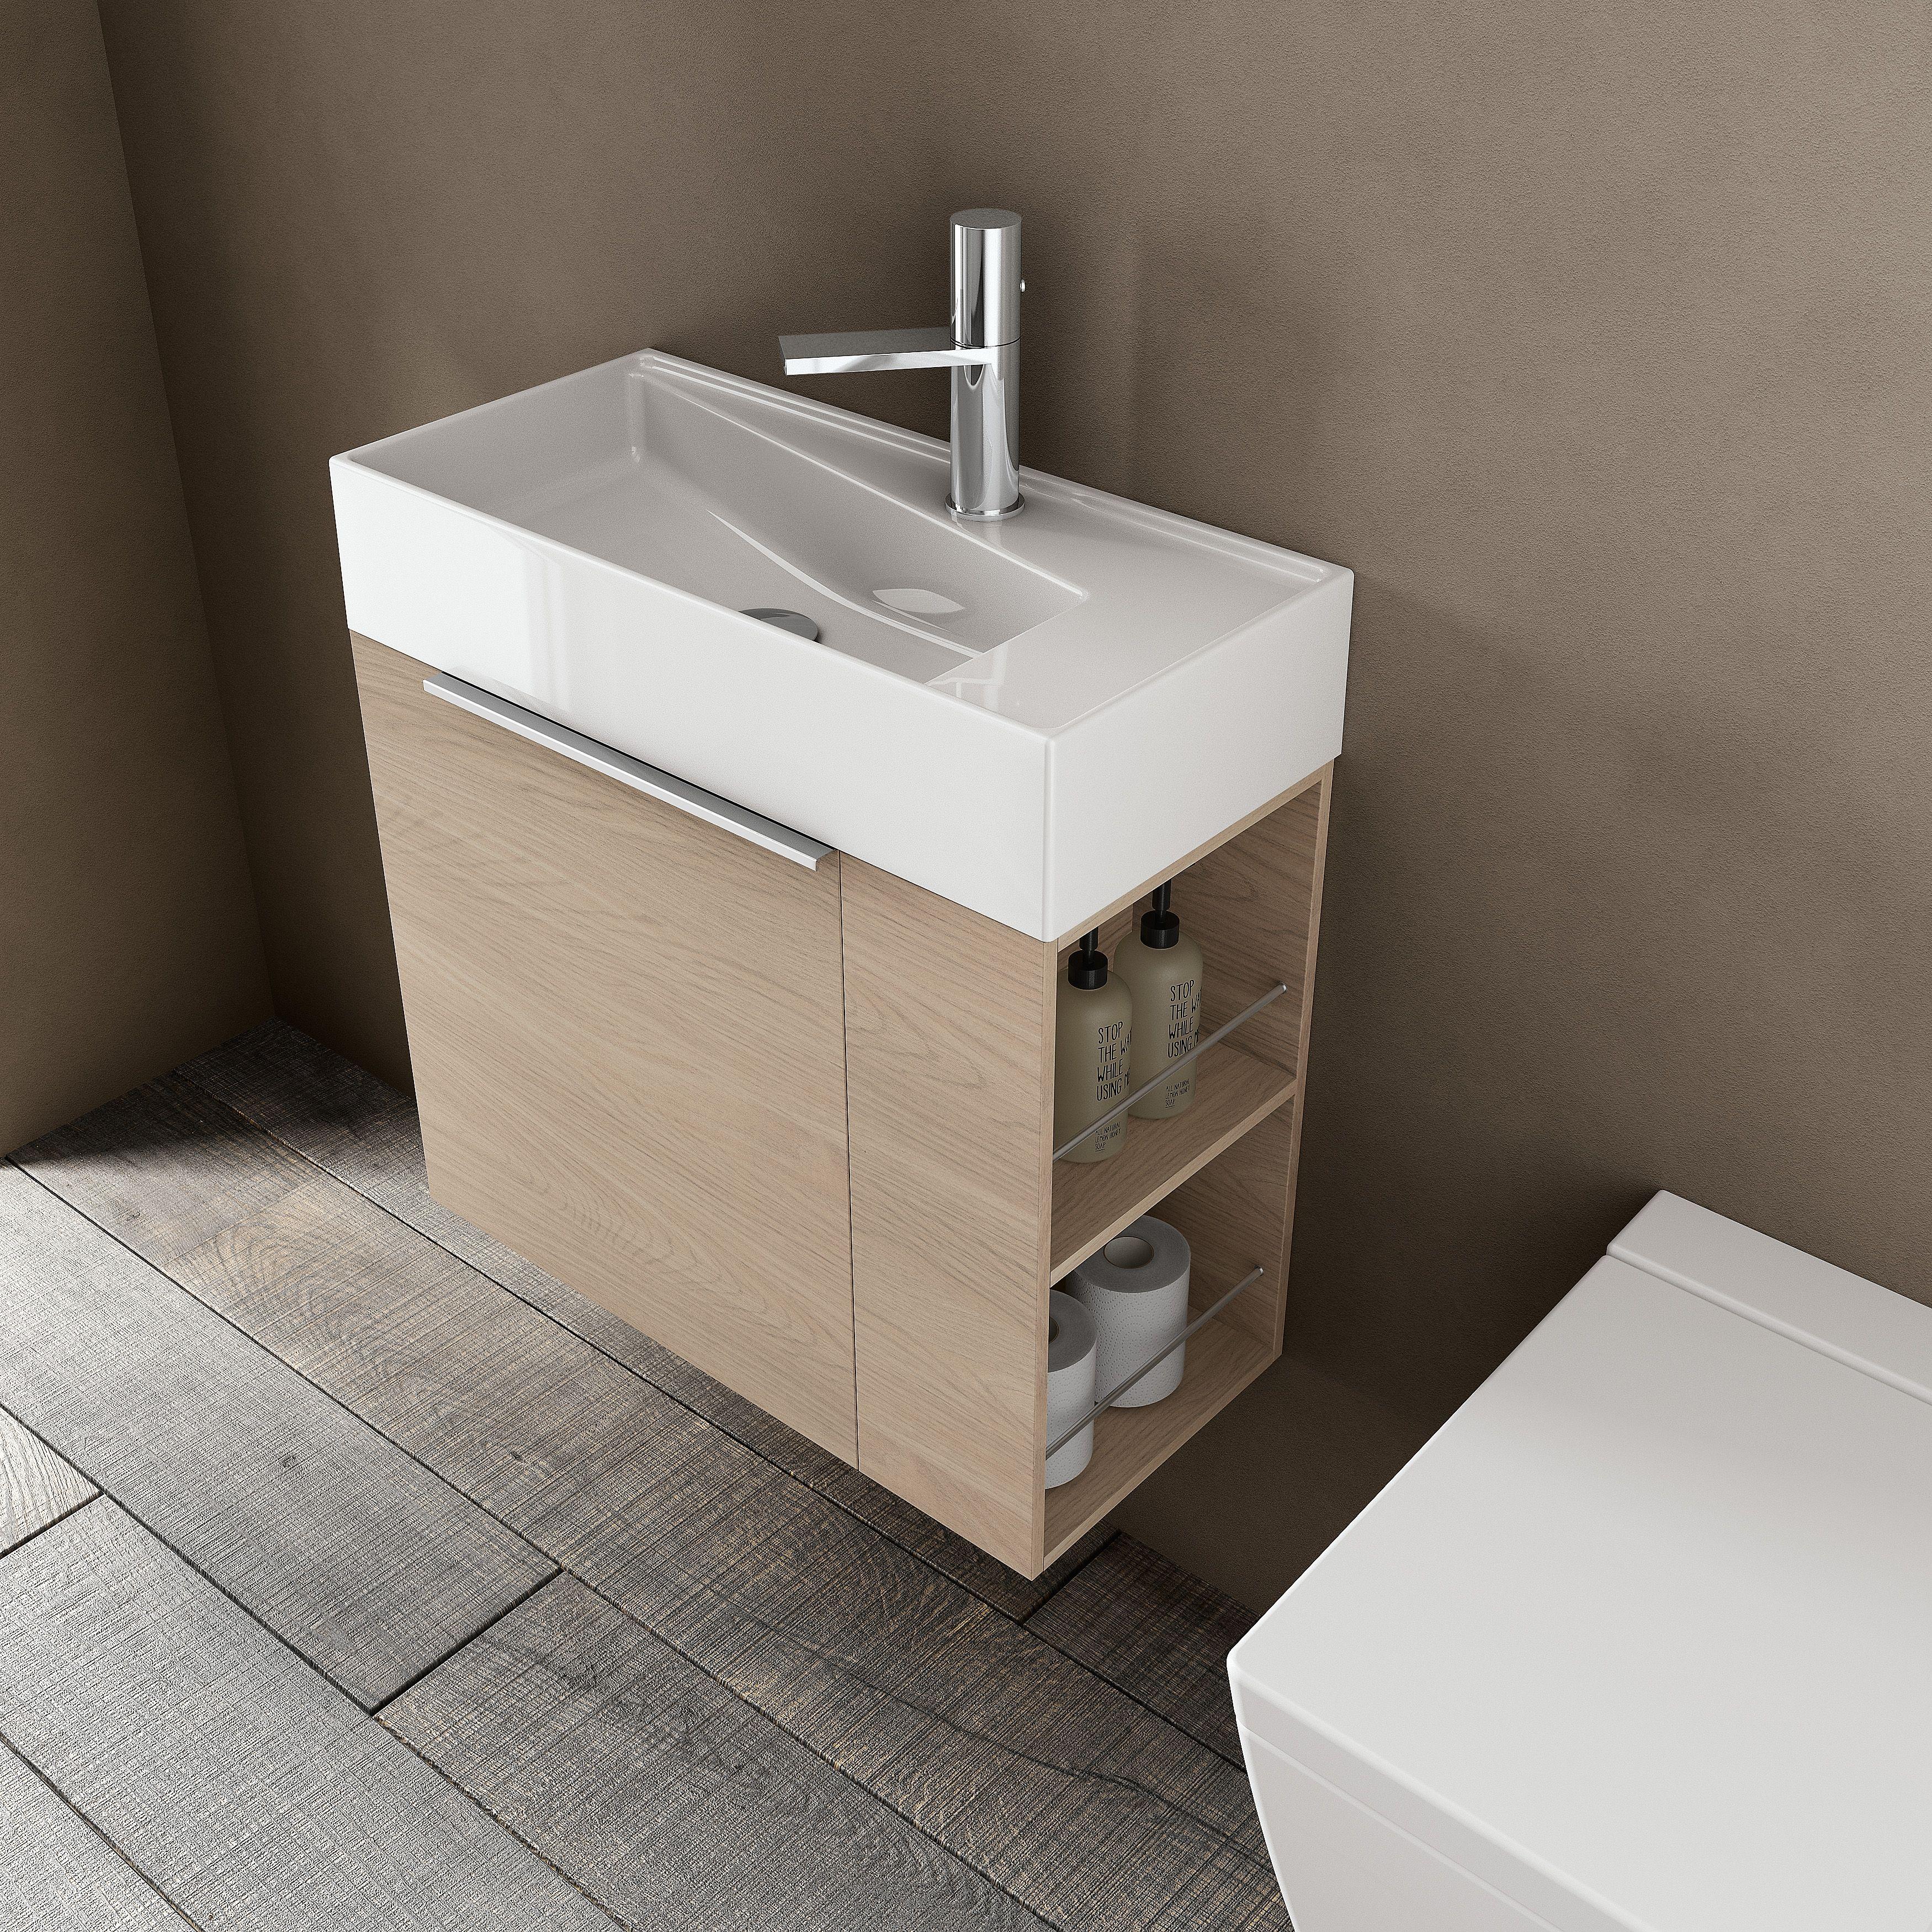 meuble de salle de bain et lavabo faible profondeur avec rangement ferm et tag res ouvertes. Black Bedroom Furniture Sets. Home Design Ideas